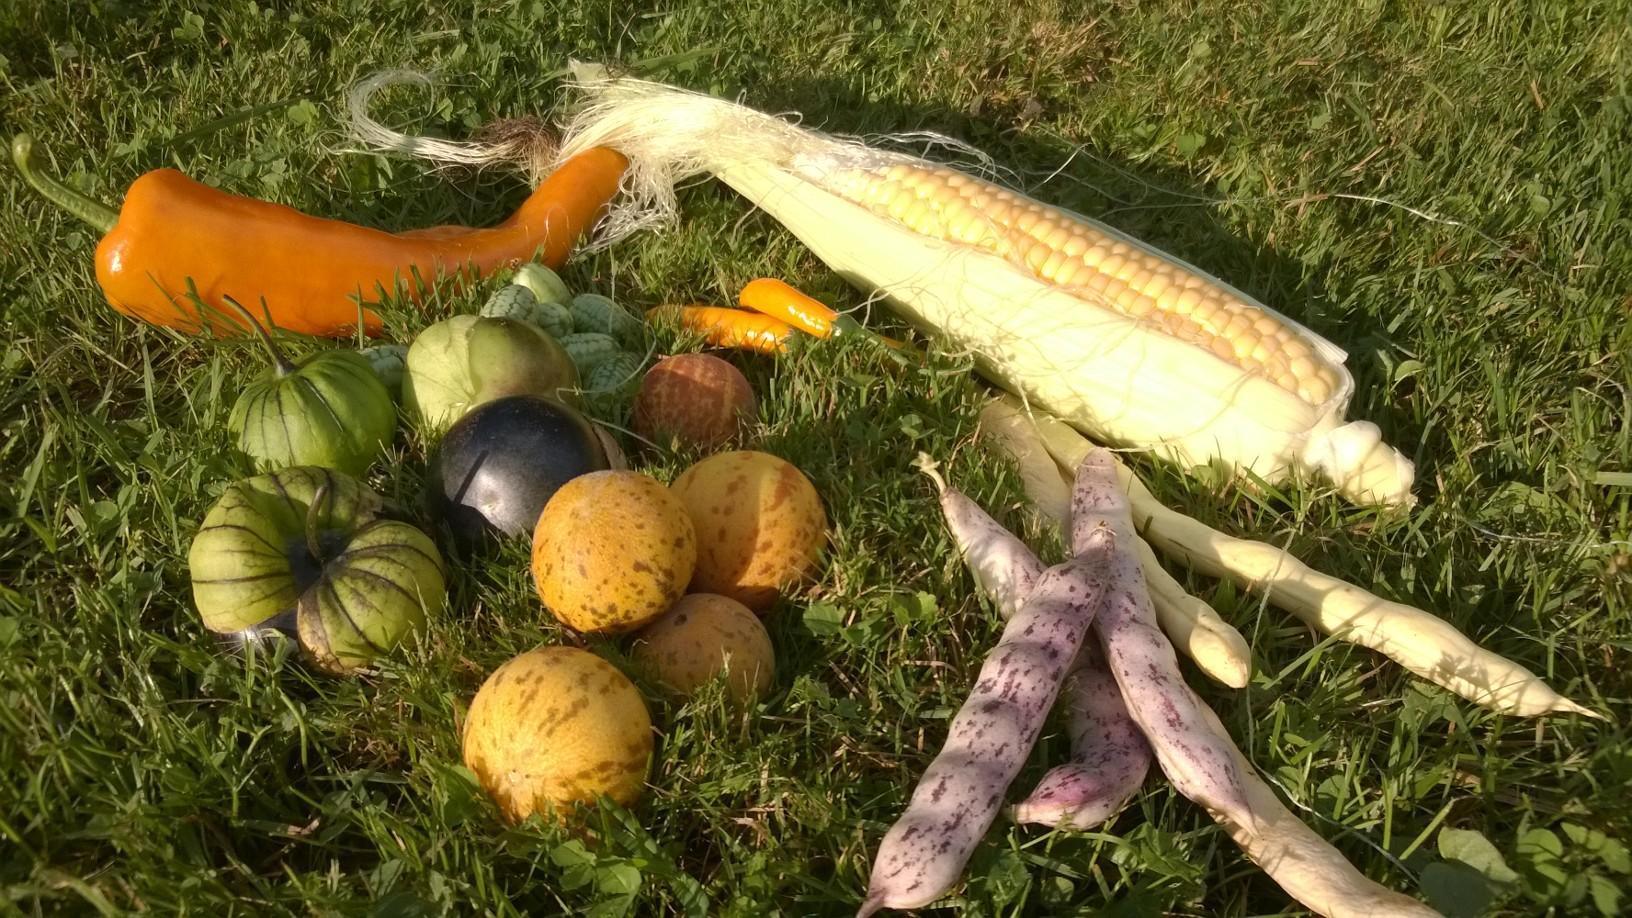 Gemüse aus der neuen Welt